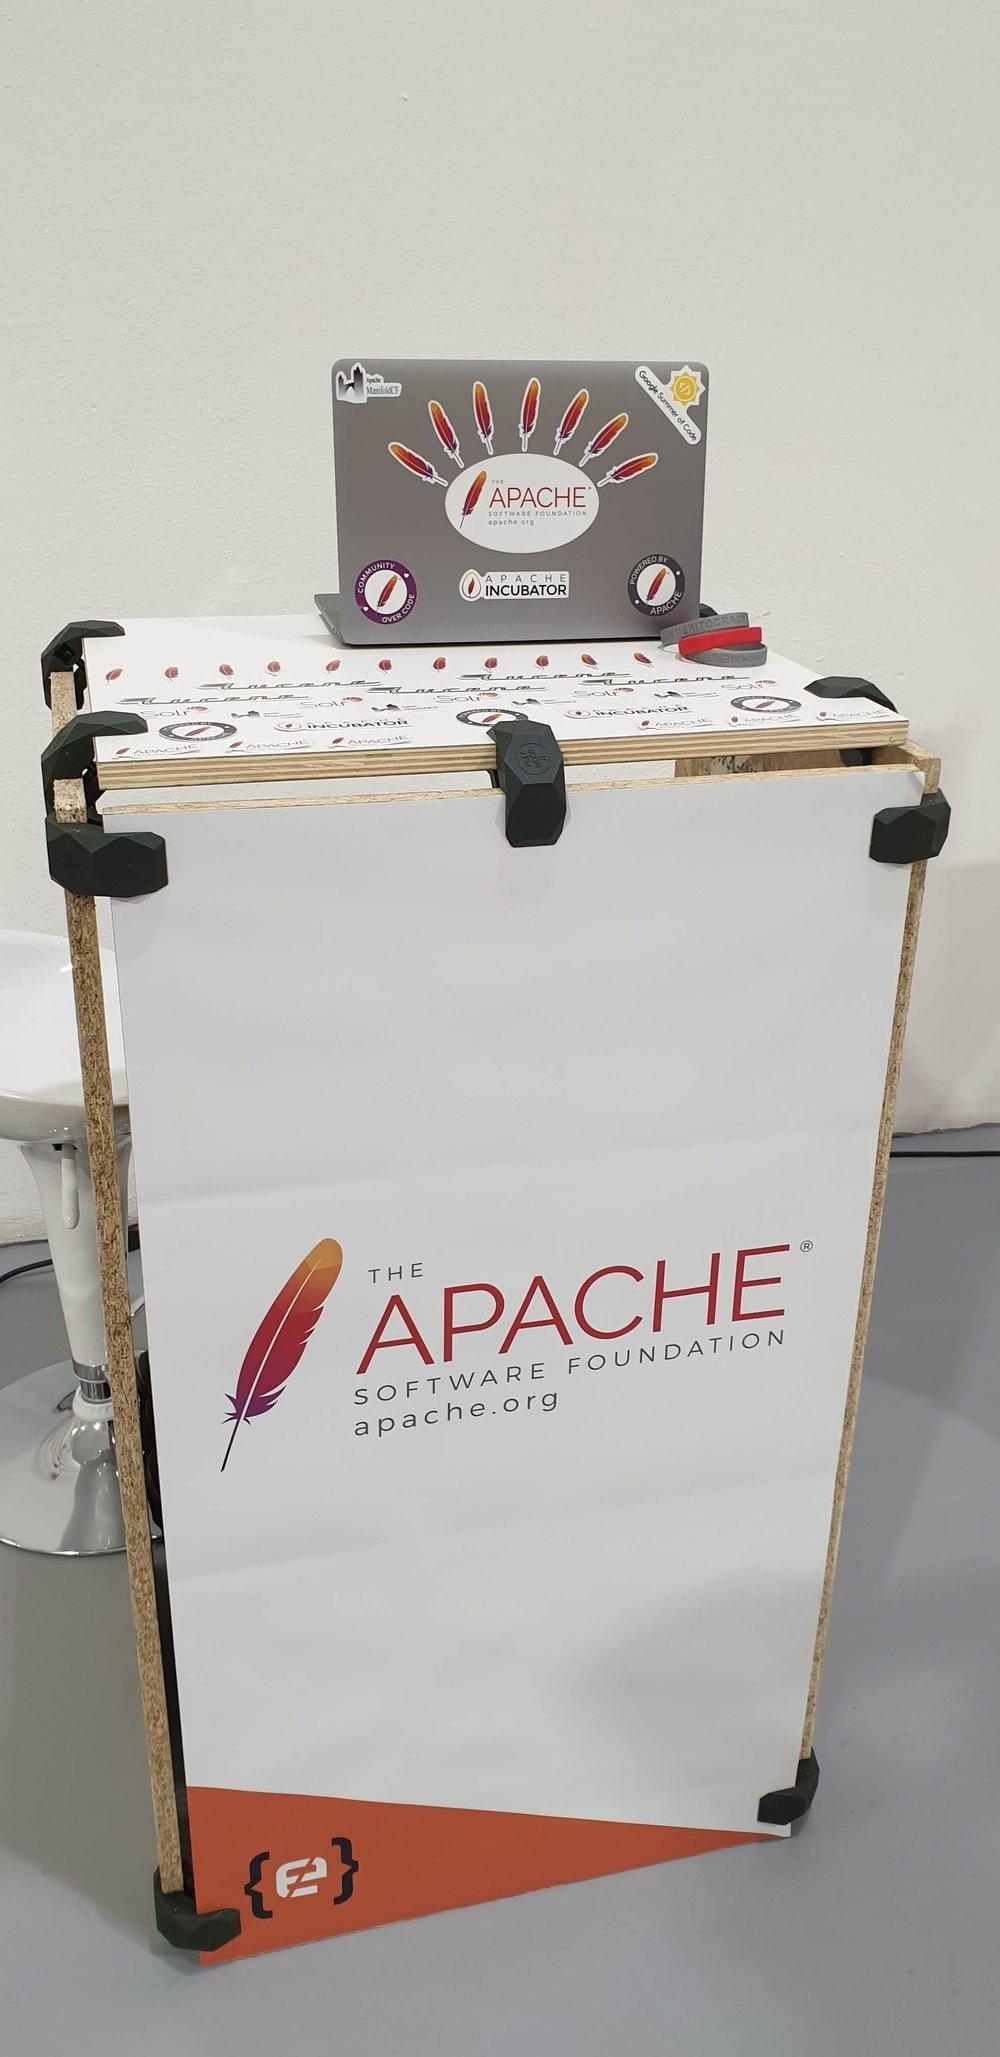 ASF booth / Minidesk at Codemotion Milan 2018